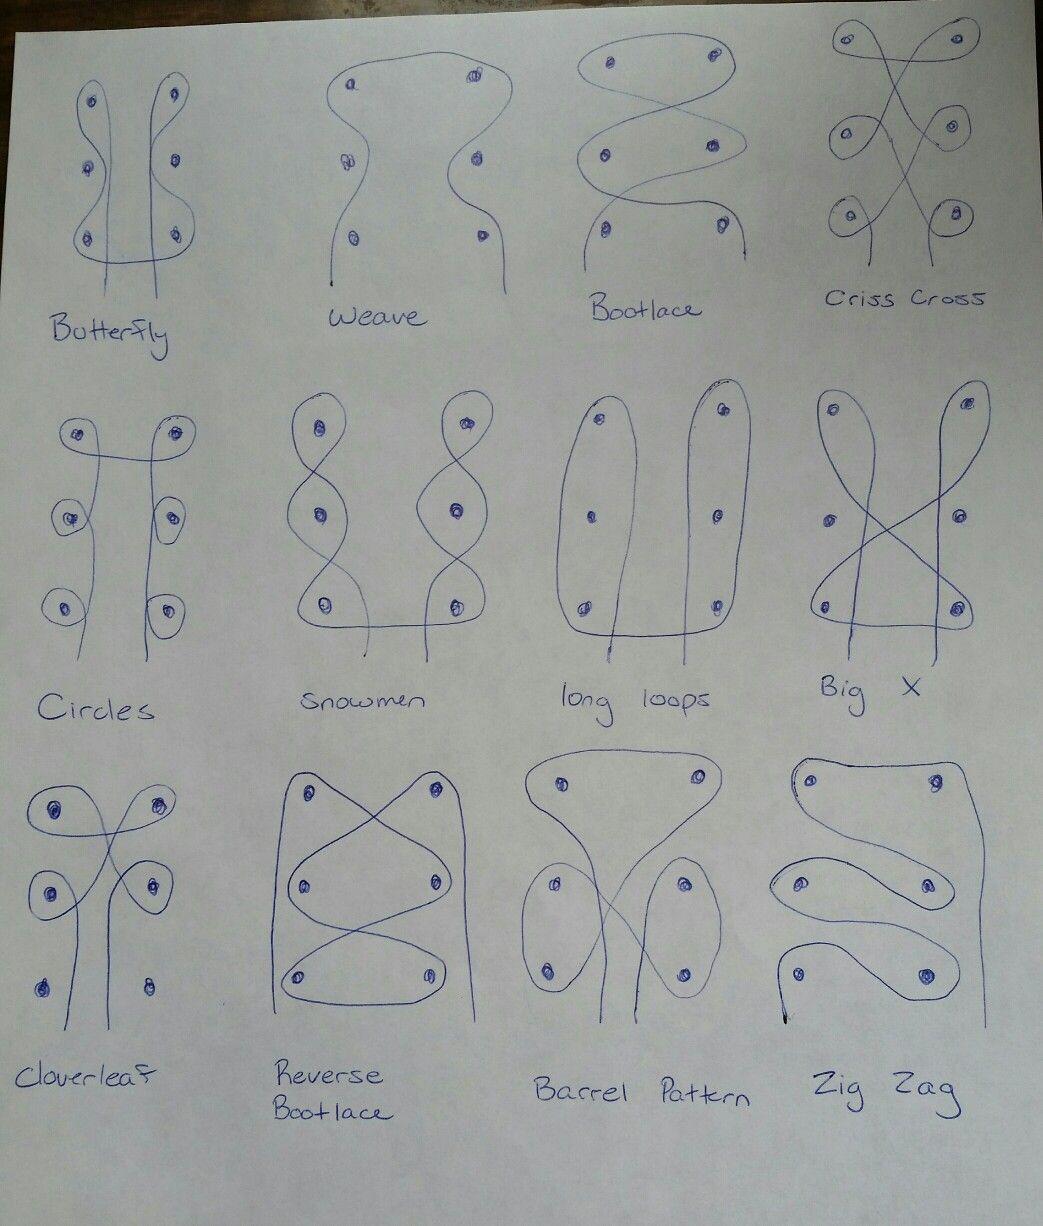 Gymkhana patterns. Games on horseback, barrel racing, pole